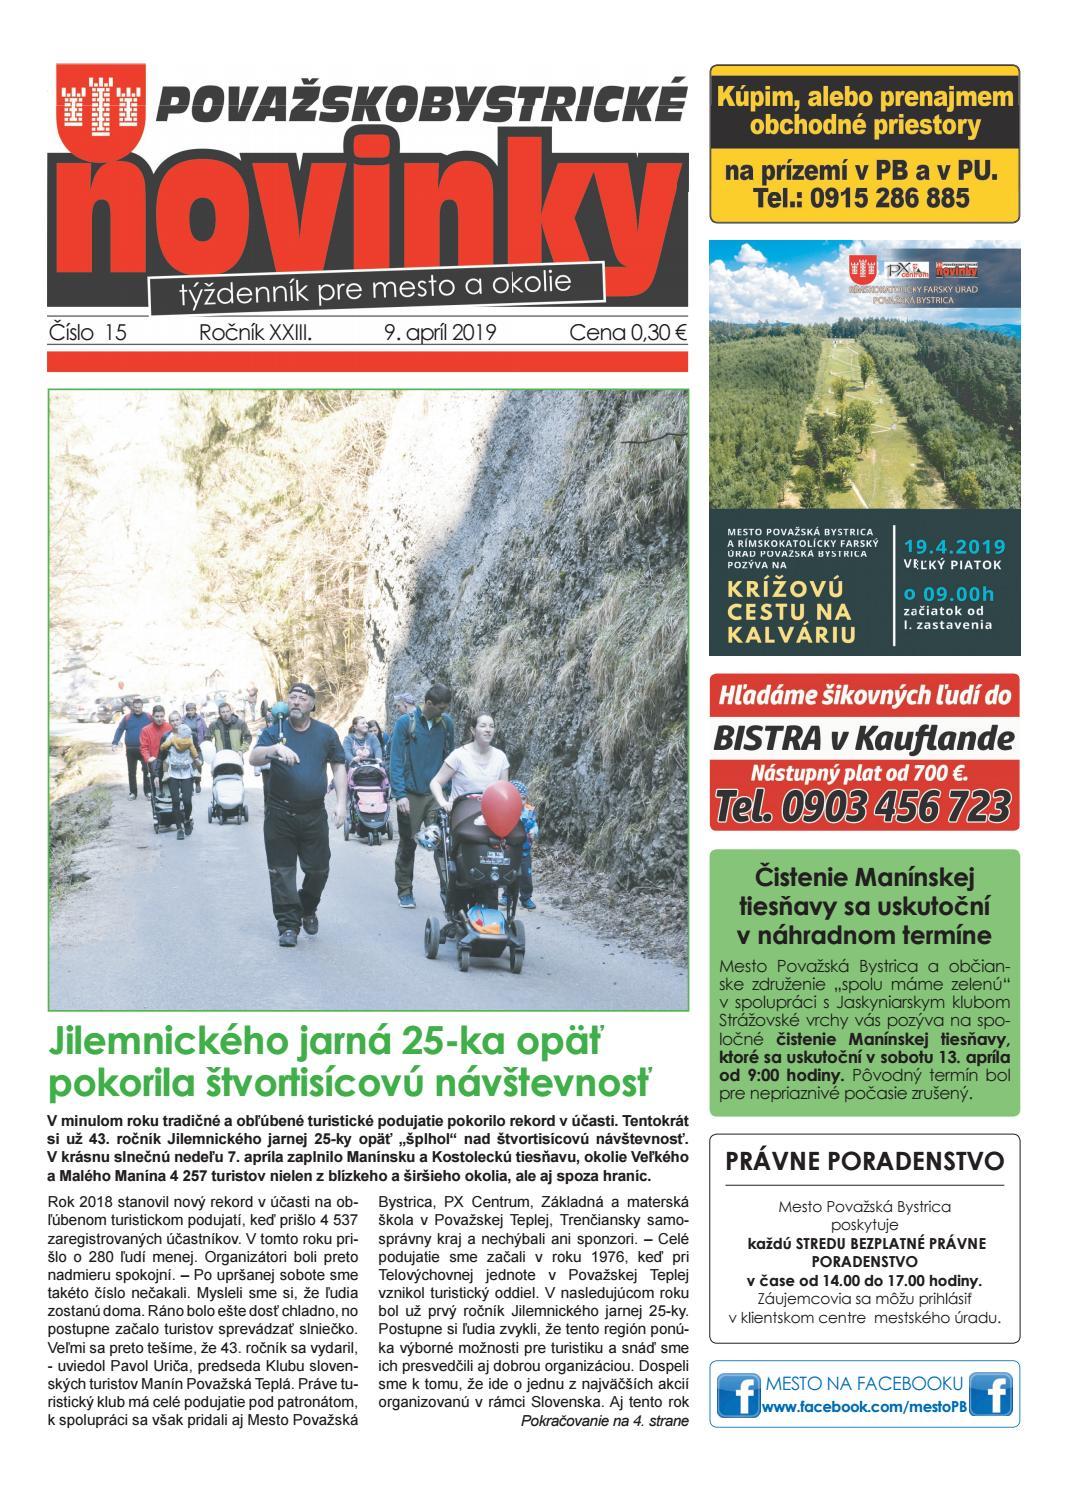 a6cd90410672 Považskobystrické novinky č. 15 2019 by Považskobystrické novinky - issuu